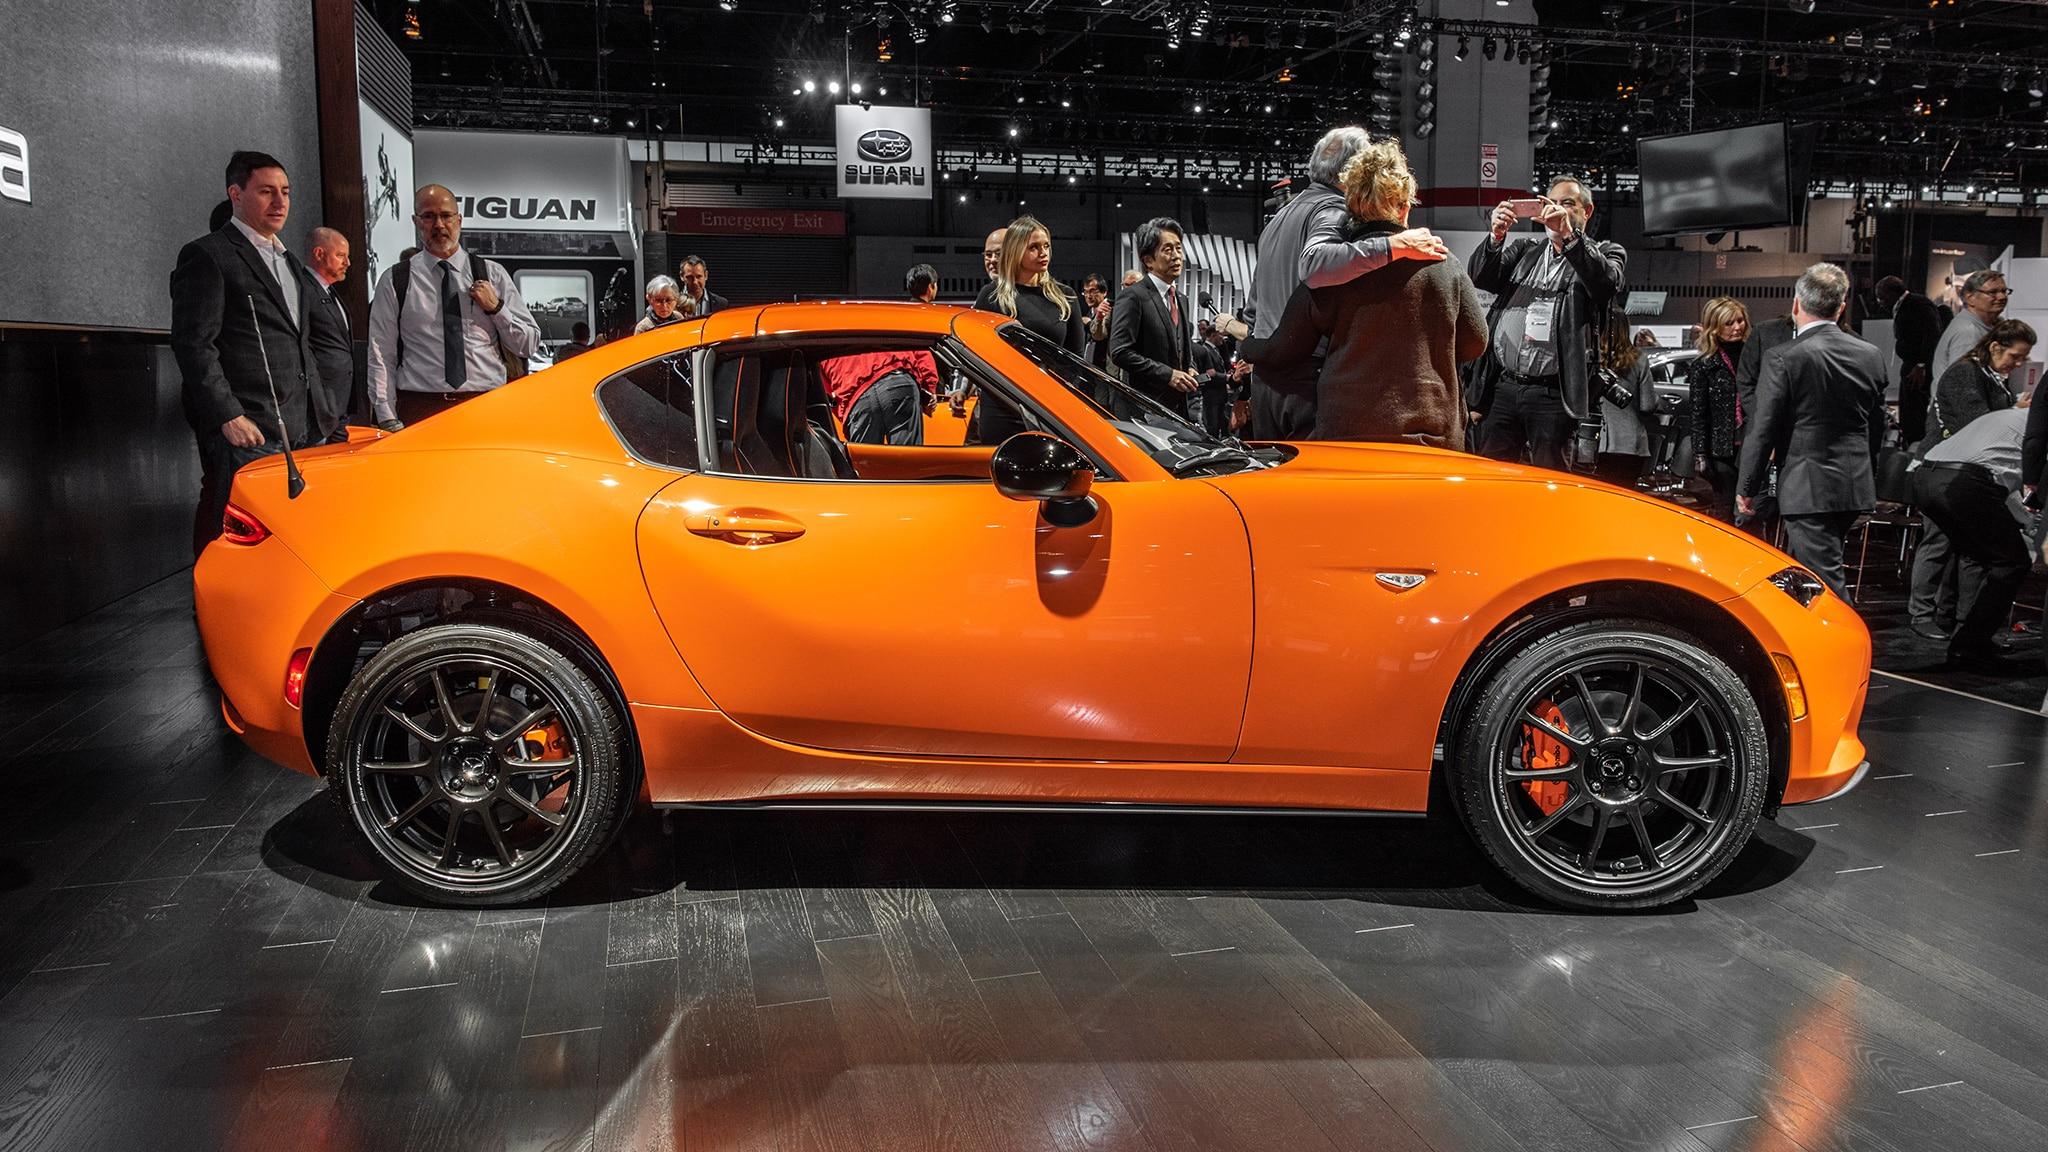 2019 Mazda MX-5 Miata 30th Anniversary: It's Orange and ...